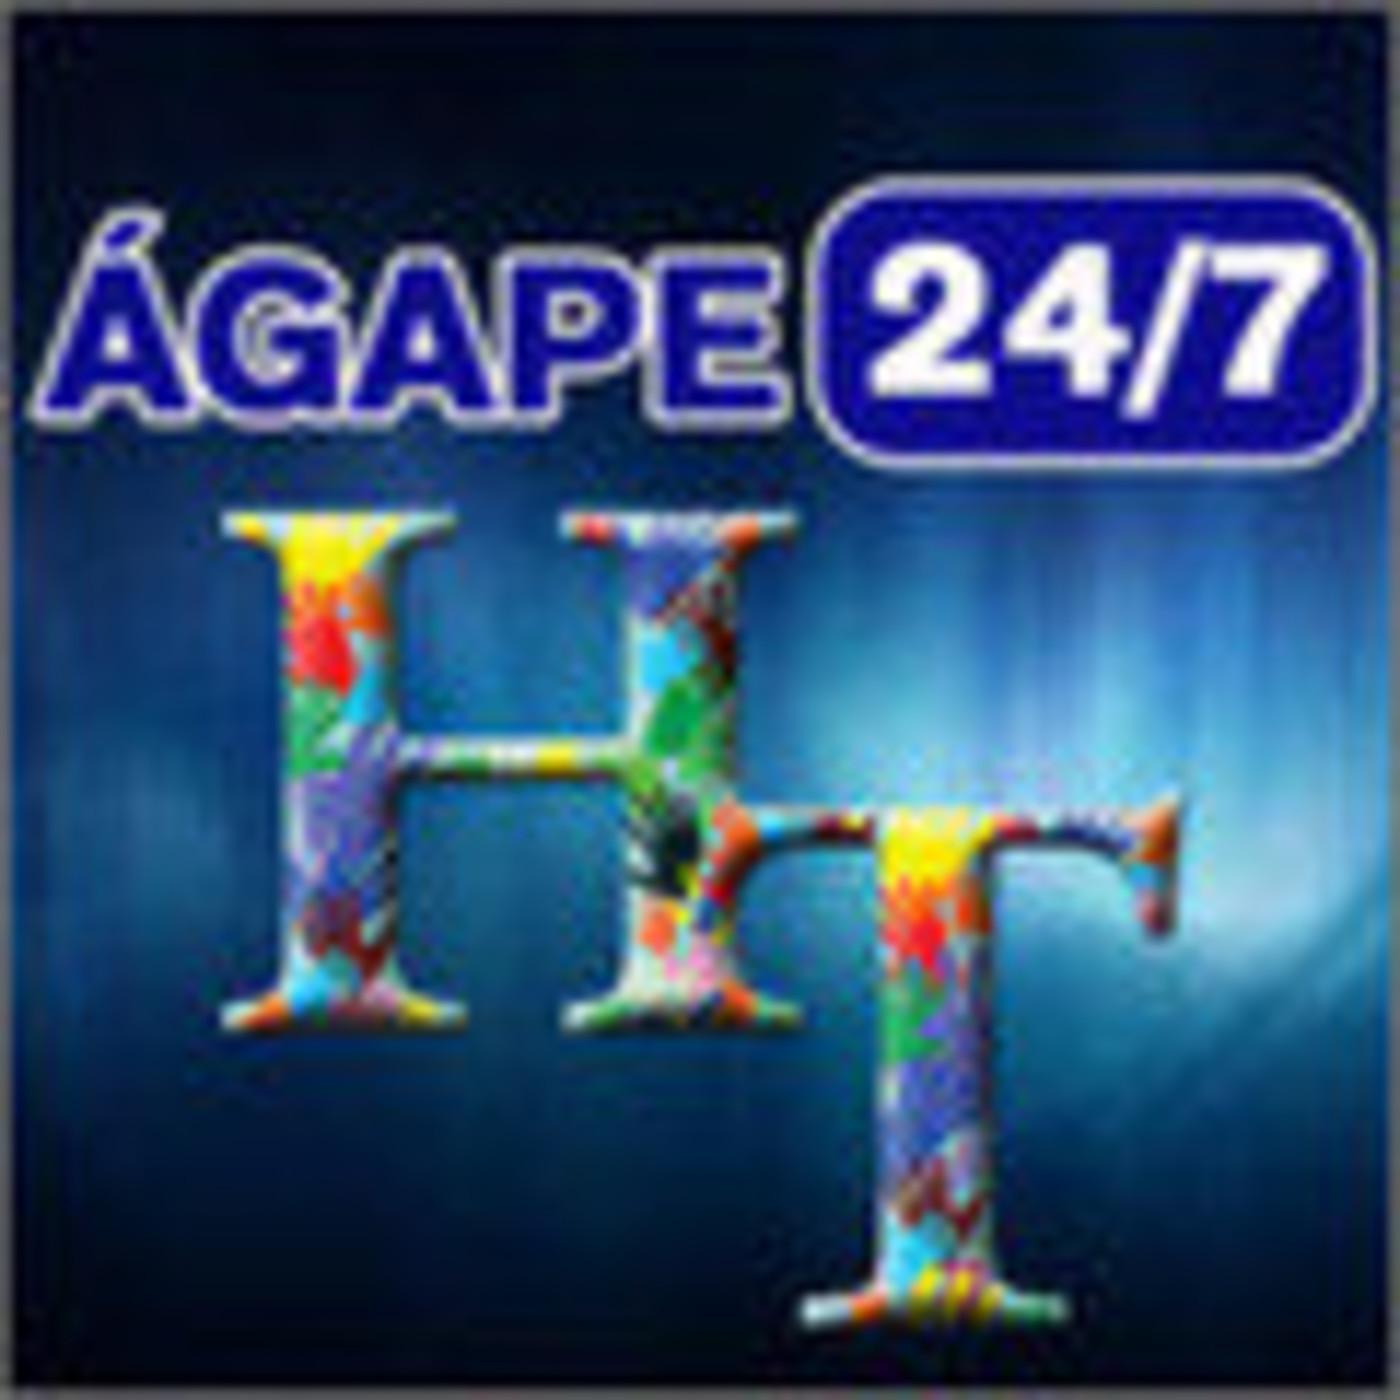 Agape 24/7